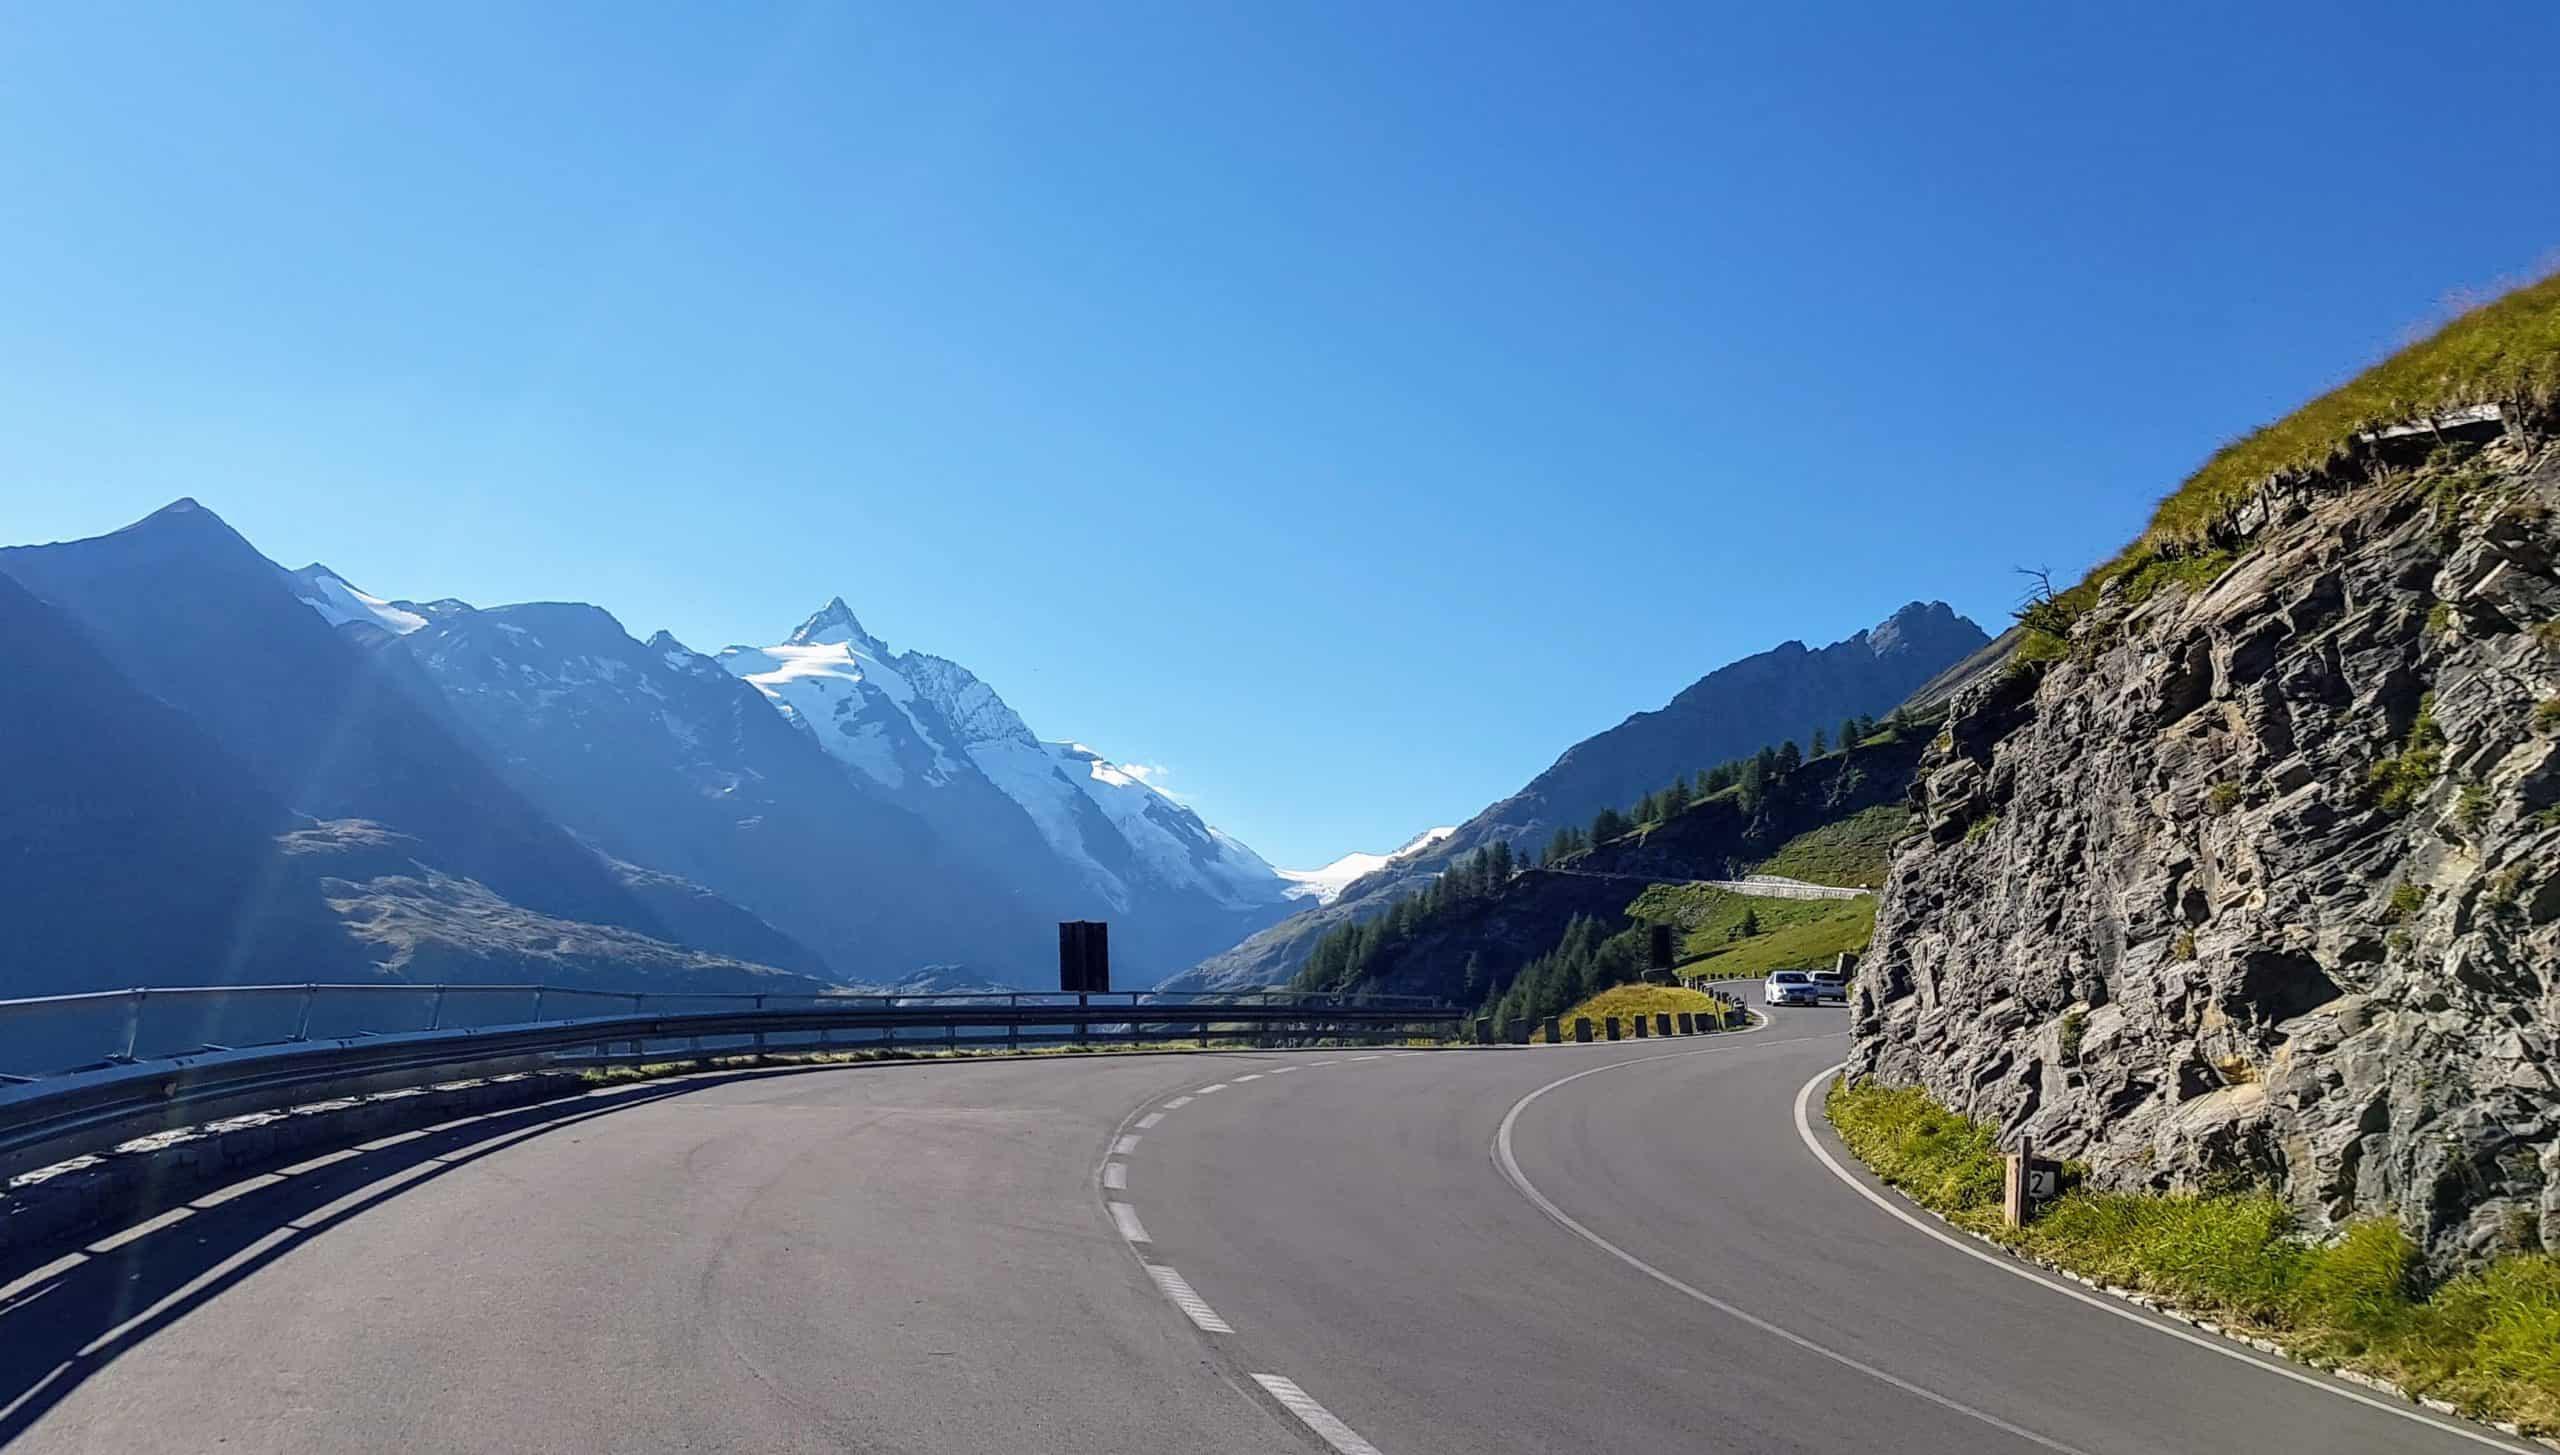 schöne Aussichtsstraße zum Großglockner im Nationalpark Hohe Tauern in Österreich